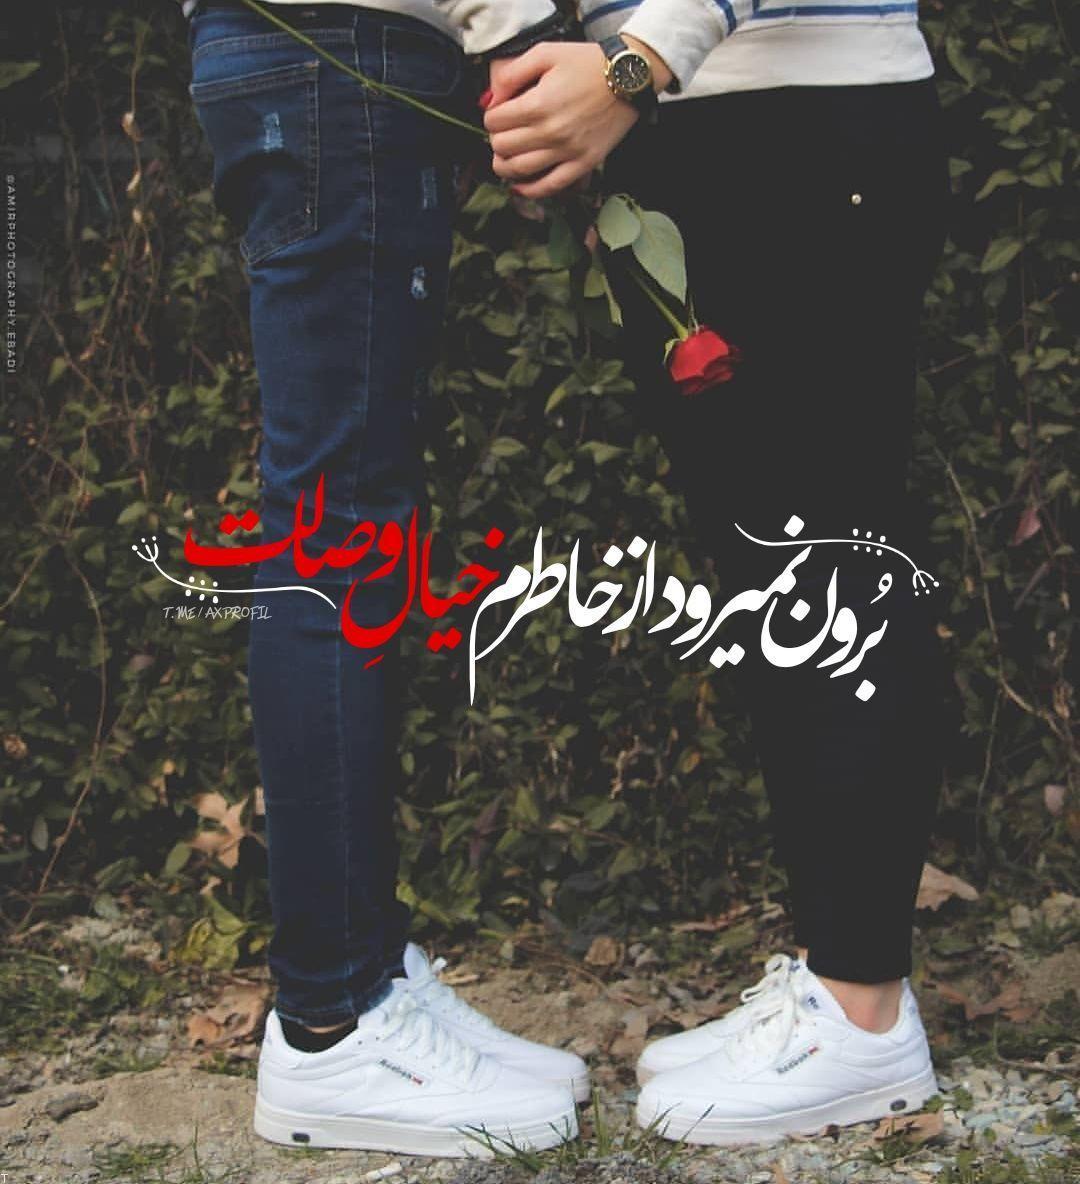 عکس نوشته های عاشقانه جدید + متن زیبا و احساسی